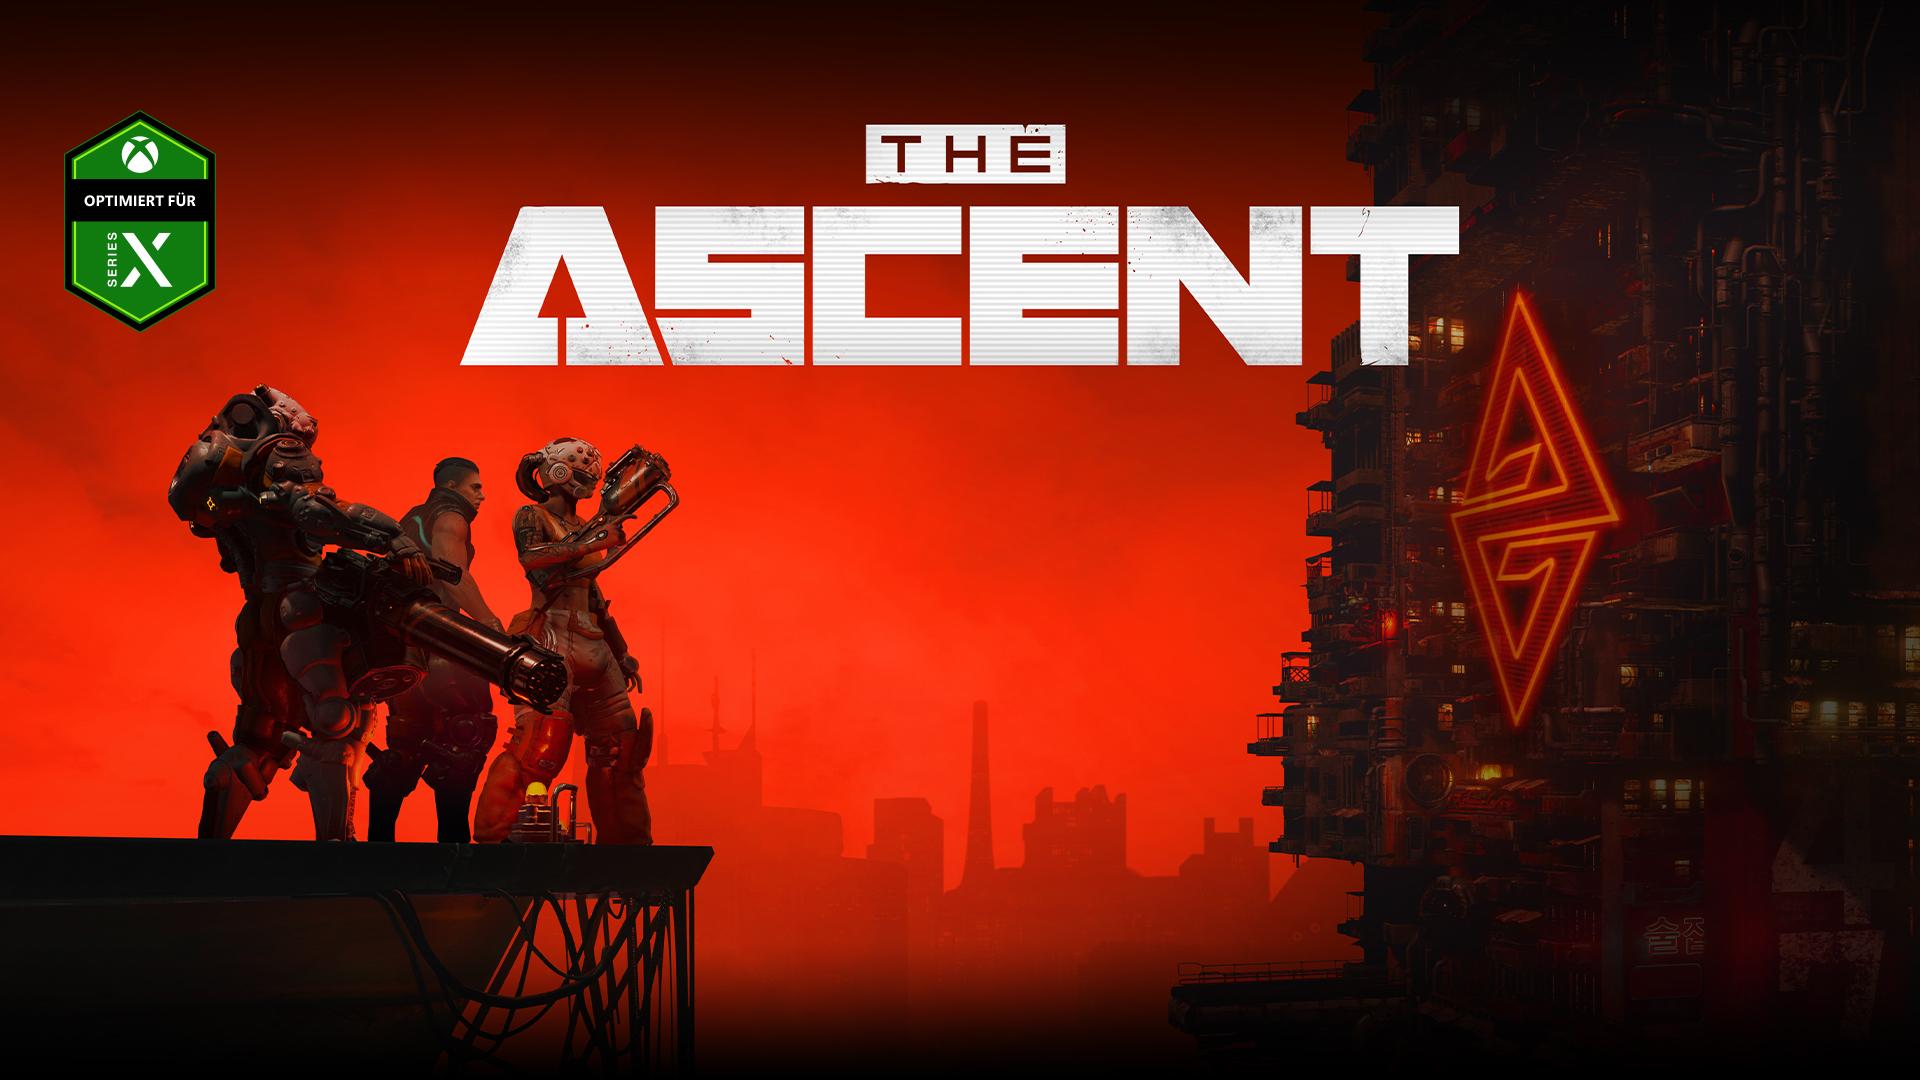 The Ascent, Optimiert für Xbox Series X. Drei Charaktere stehen auf einer Plattform mit Blick auf ein großes Industriegebäude im Cyberpunk-Stil.